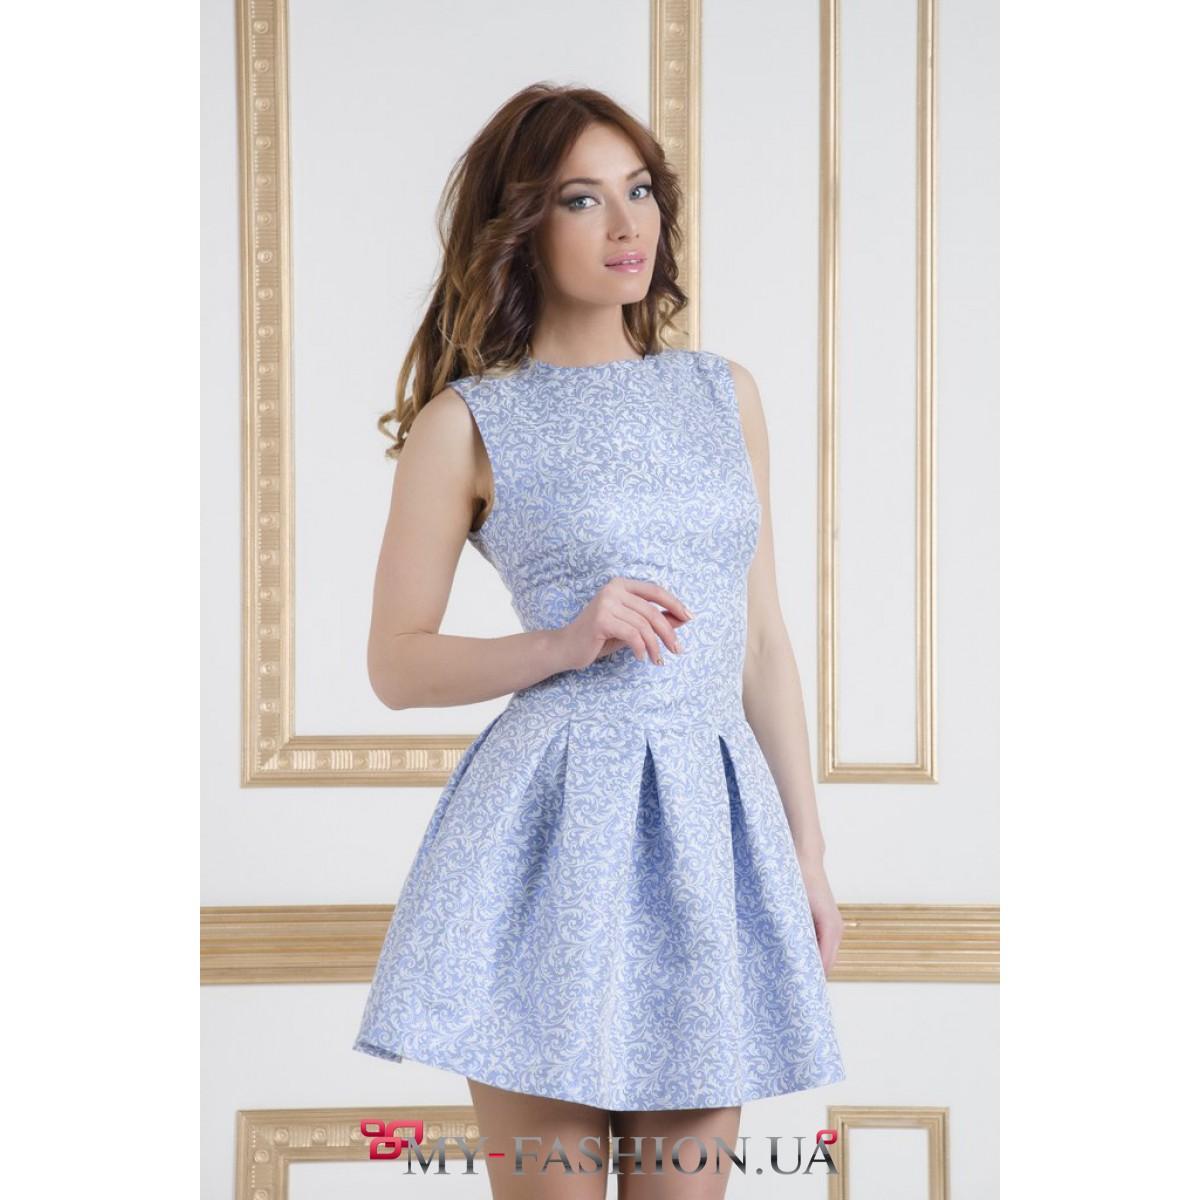 Купит летнее пышное короткое платье